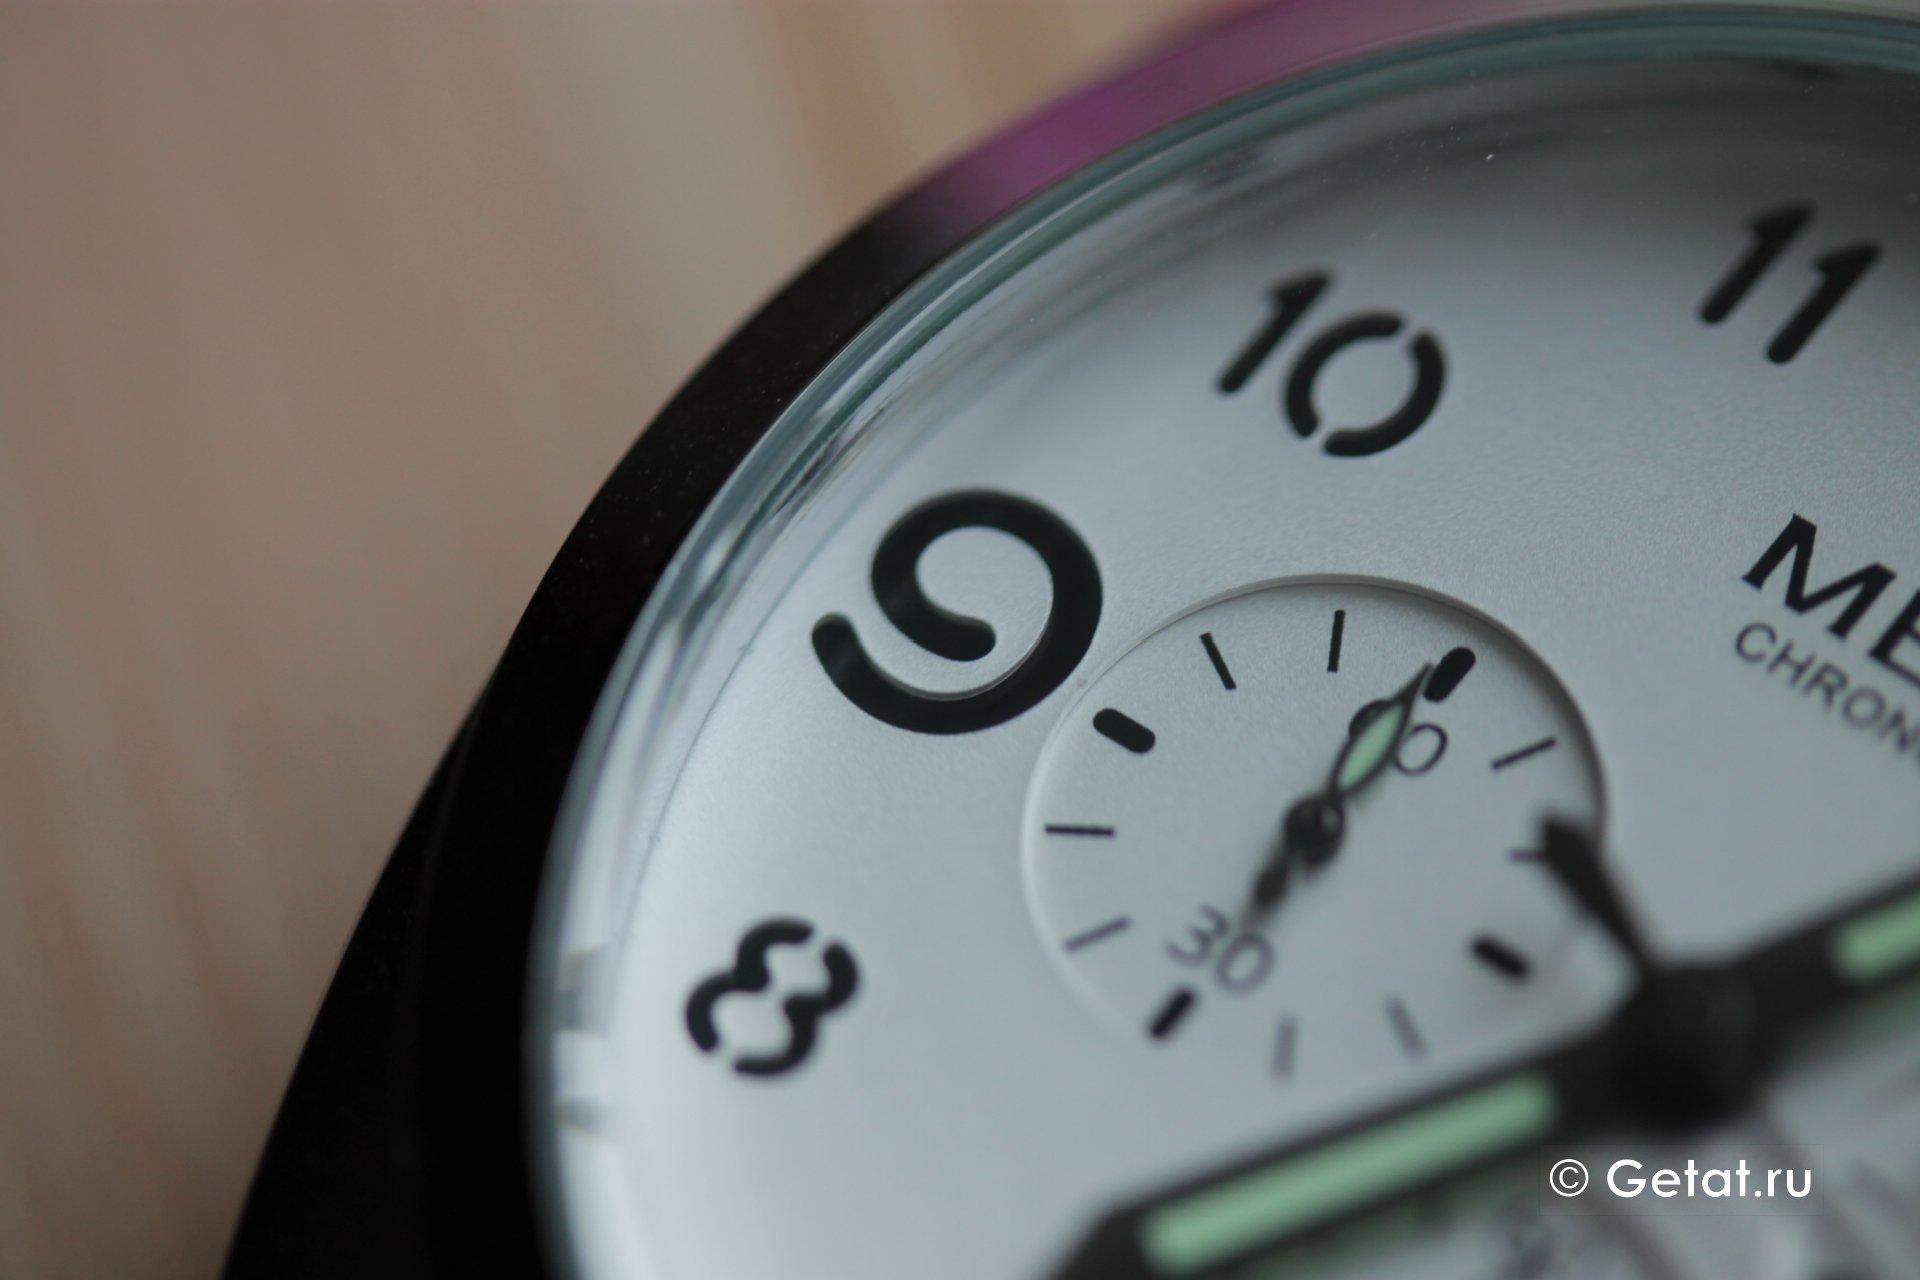 Розыгрыш приза — часы Megir 3406